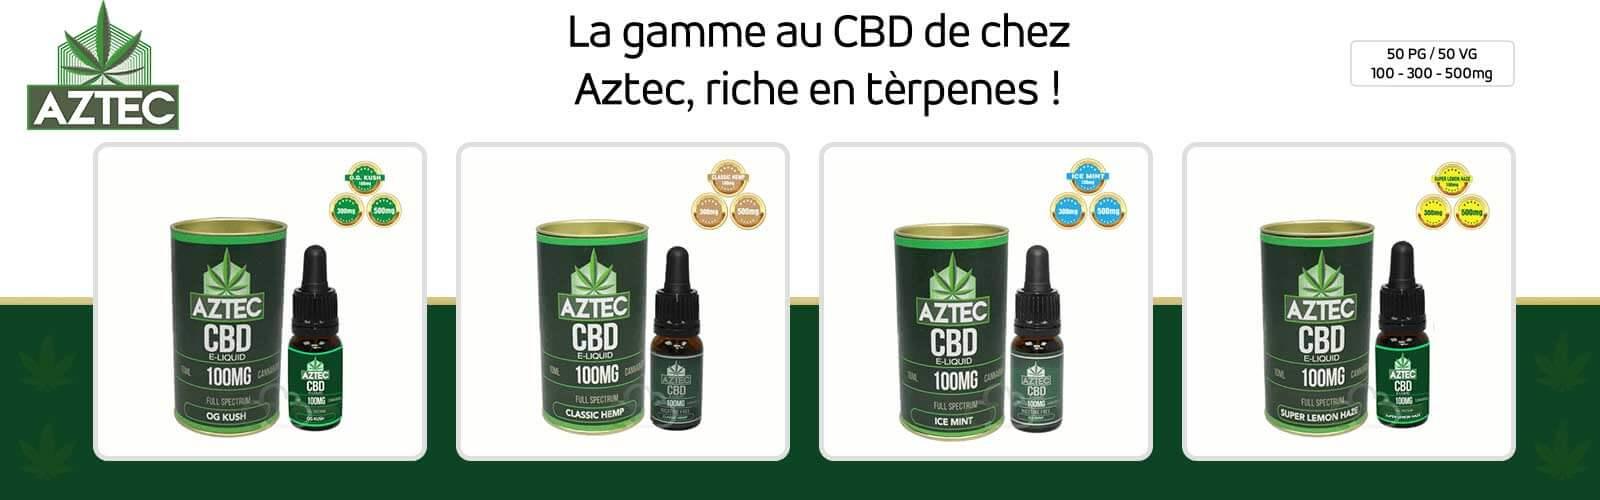 E-liquide au CBD Aztec riche en terpènes 100 mg 300 mg 500 mg